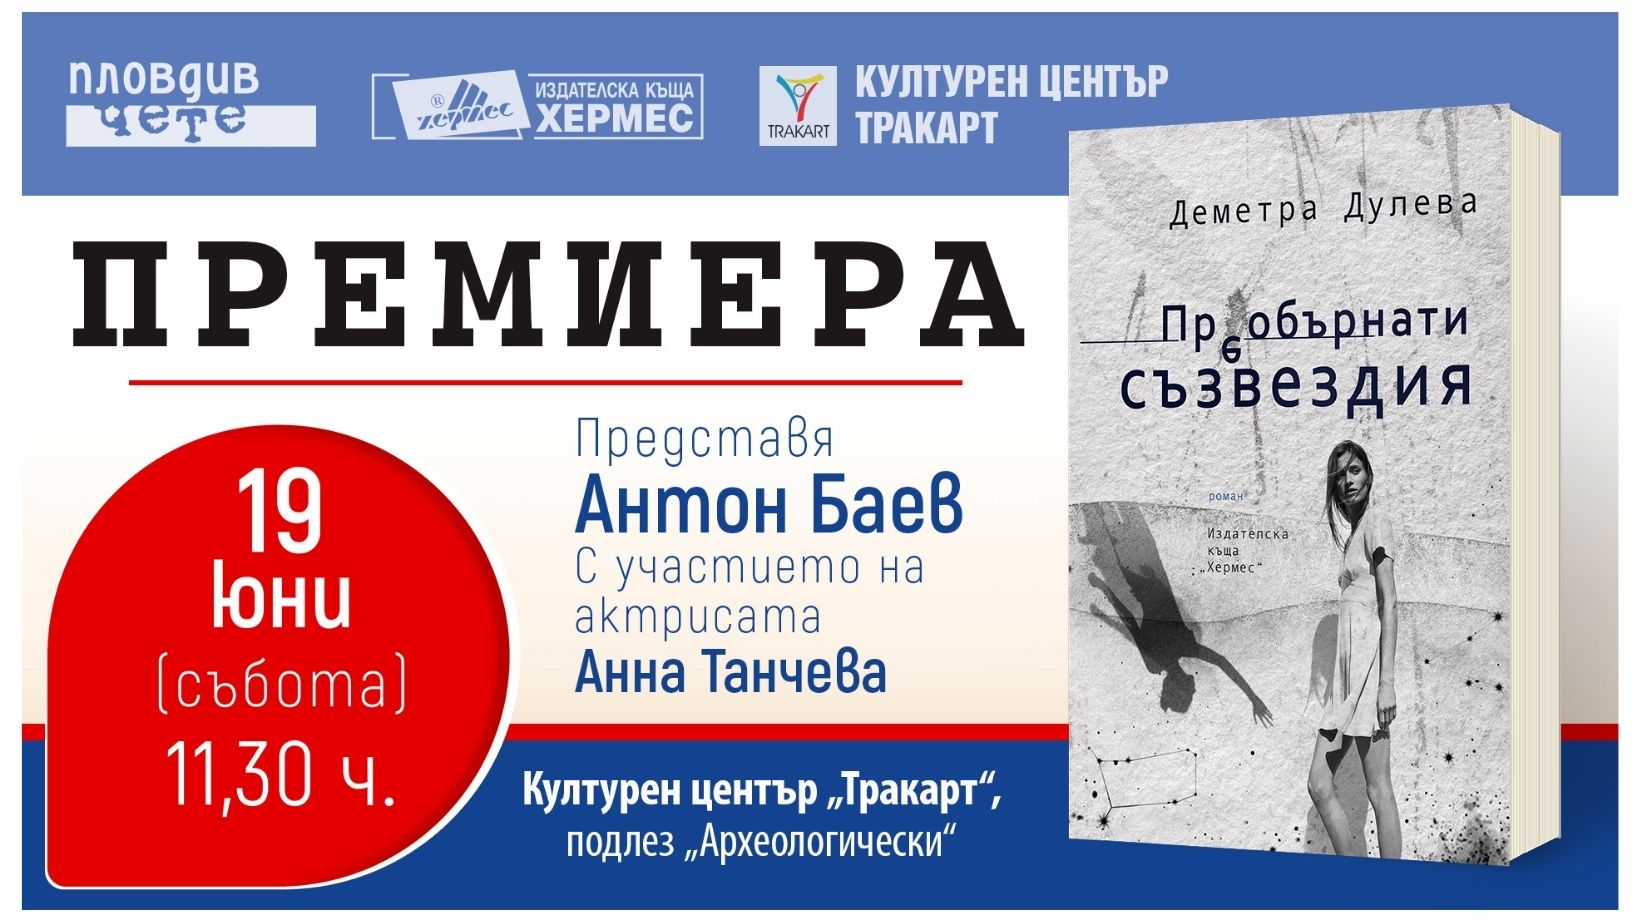 """Премиера на """"Преобърнати съзвездия"""" от Деметра Дулева в Пловдив"""